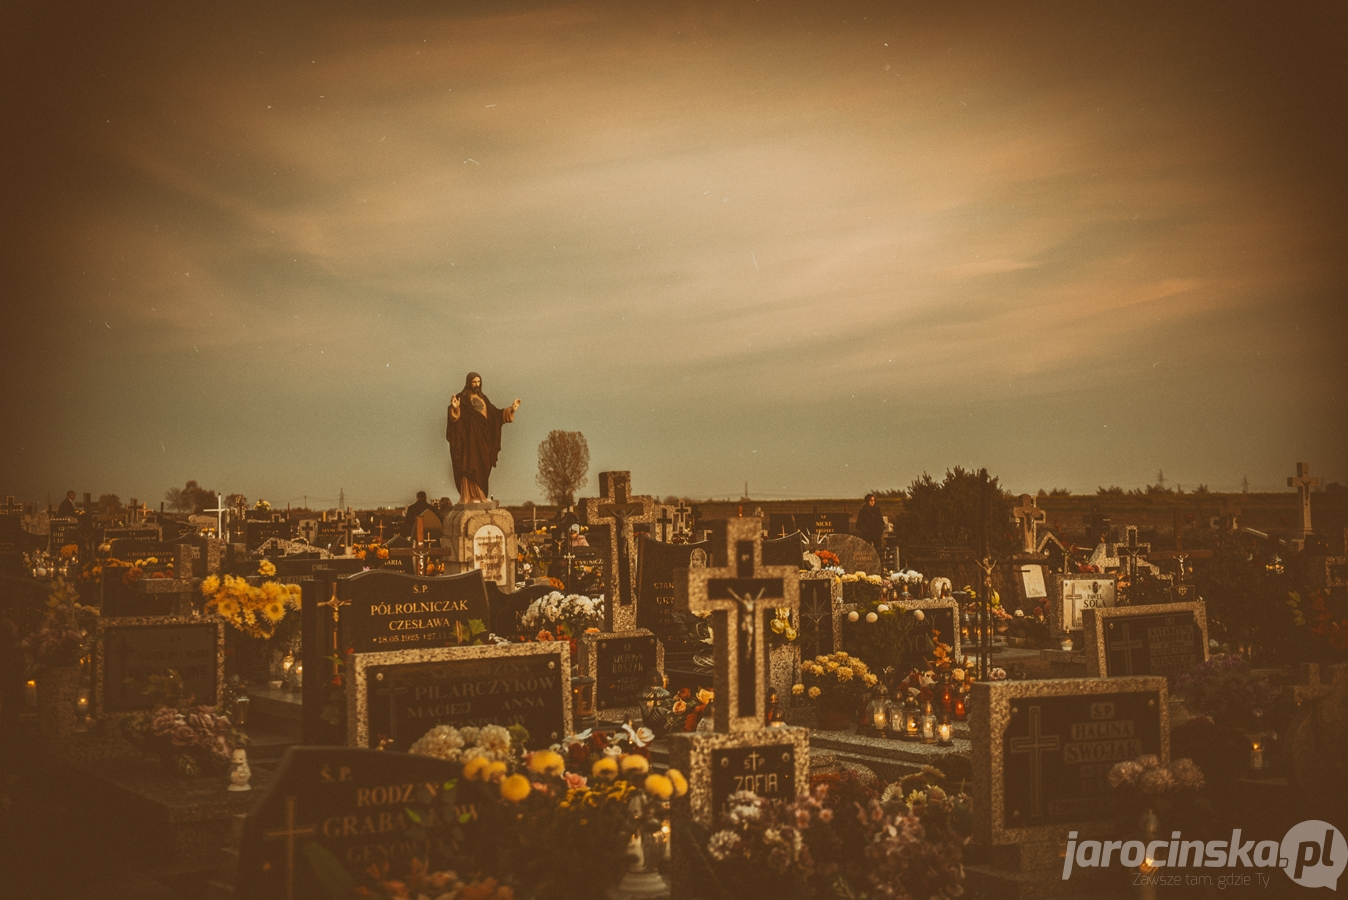 Jarocin. Cmentarz nocą - Zdjęcie główne